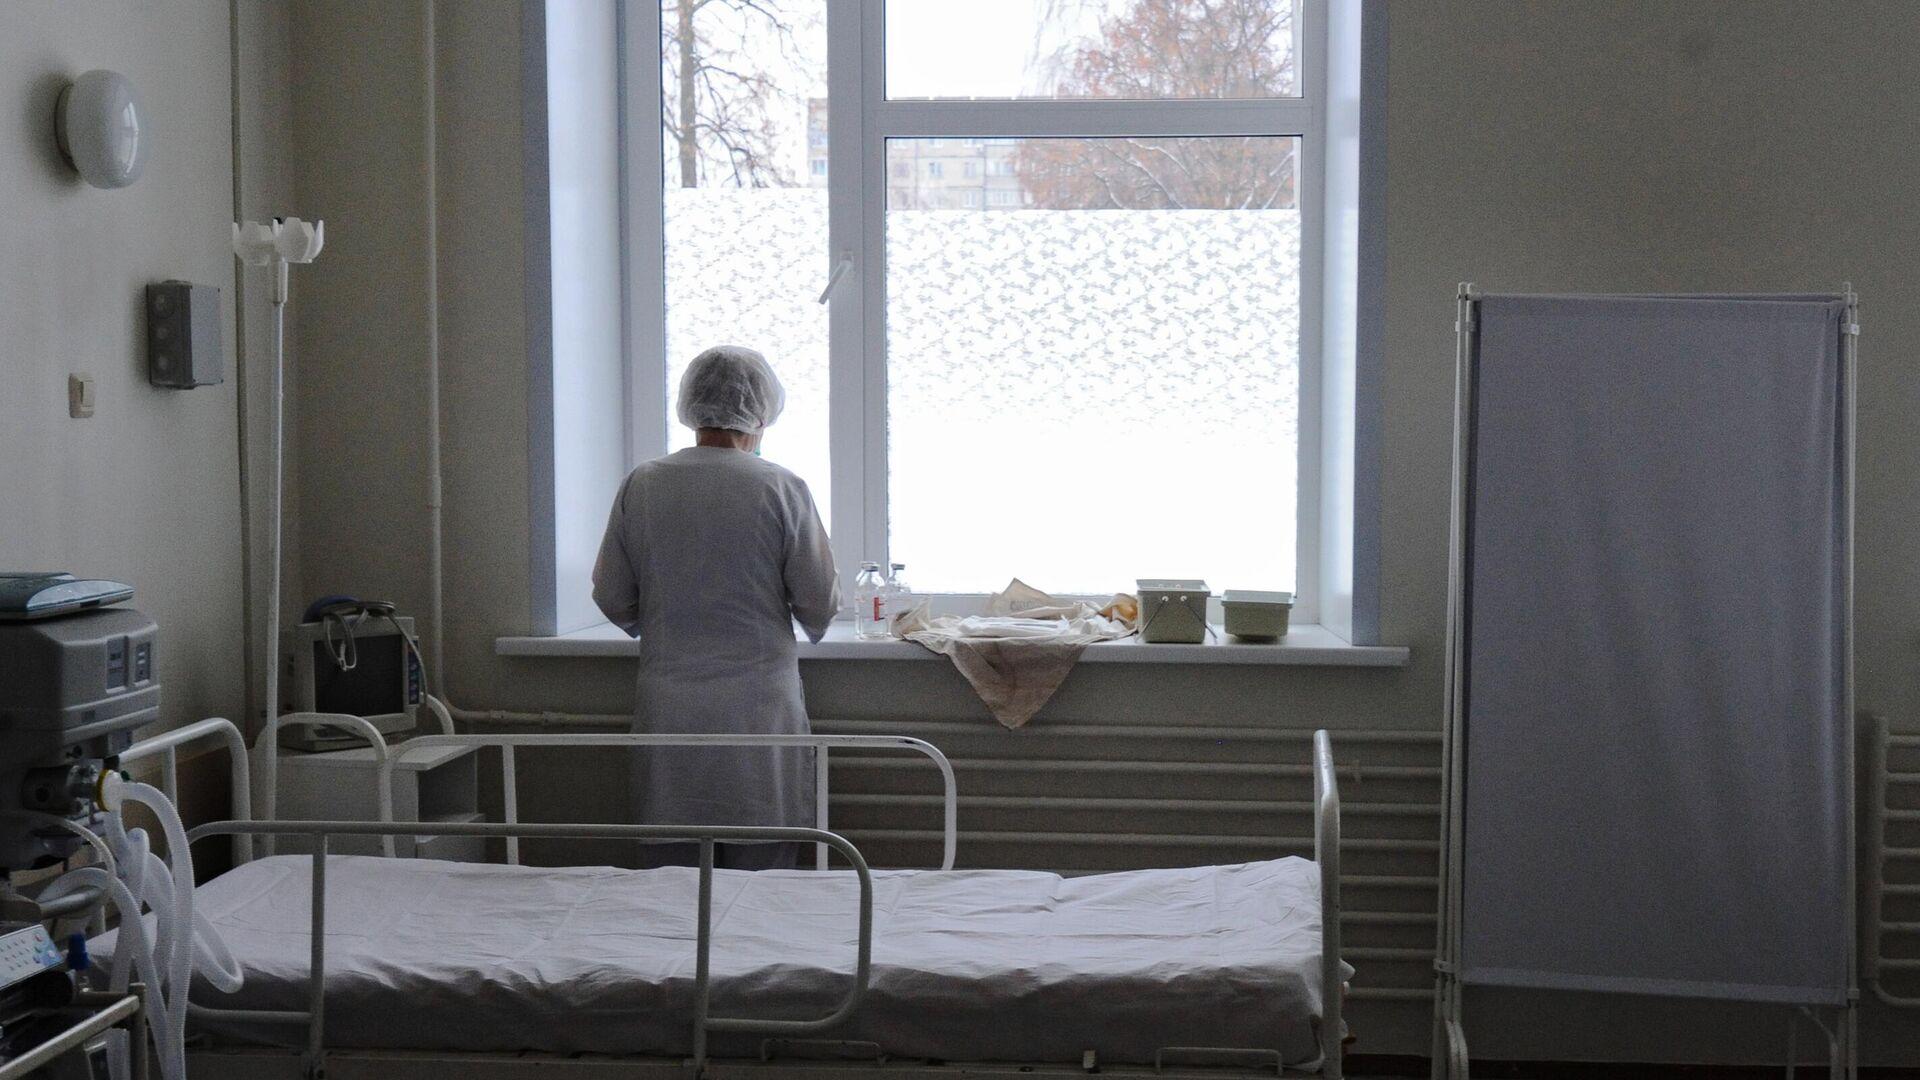 Медицинская сестра в больничной палате - РИА Новости, 1920, 21.08.2020